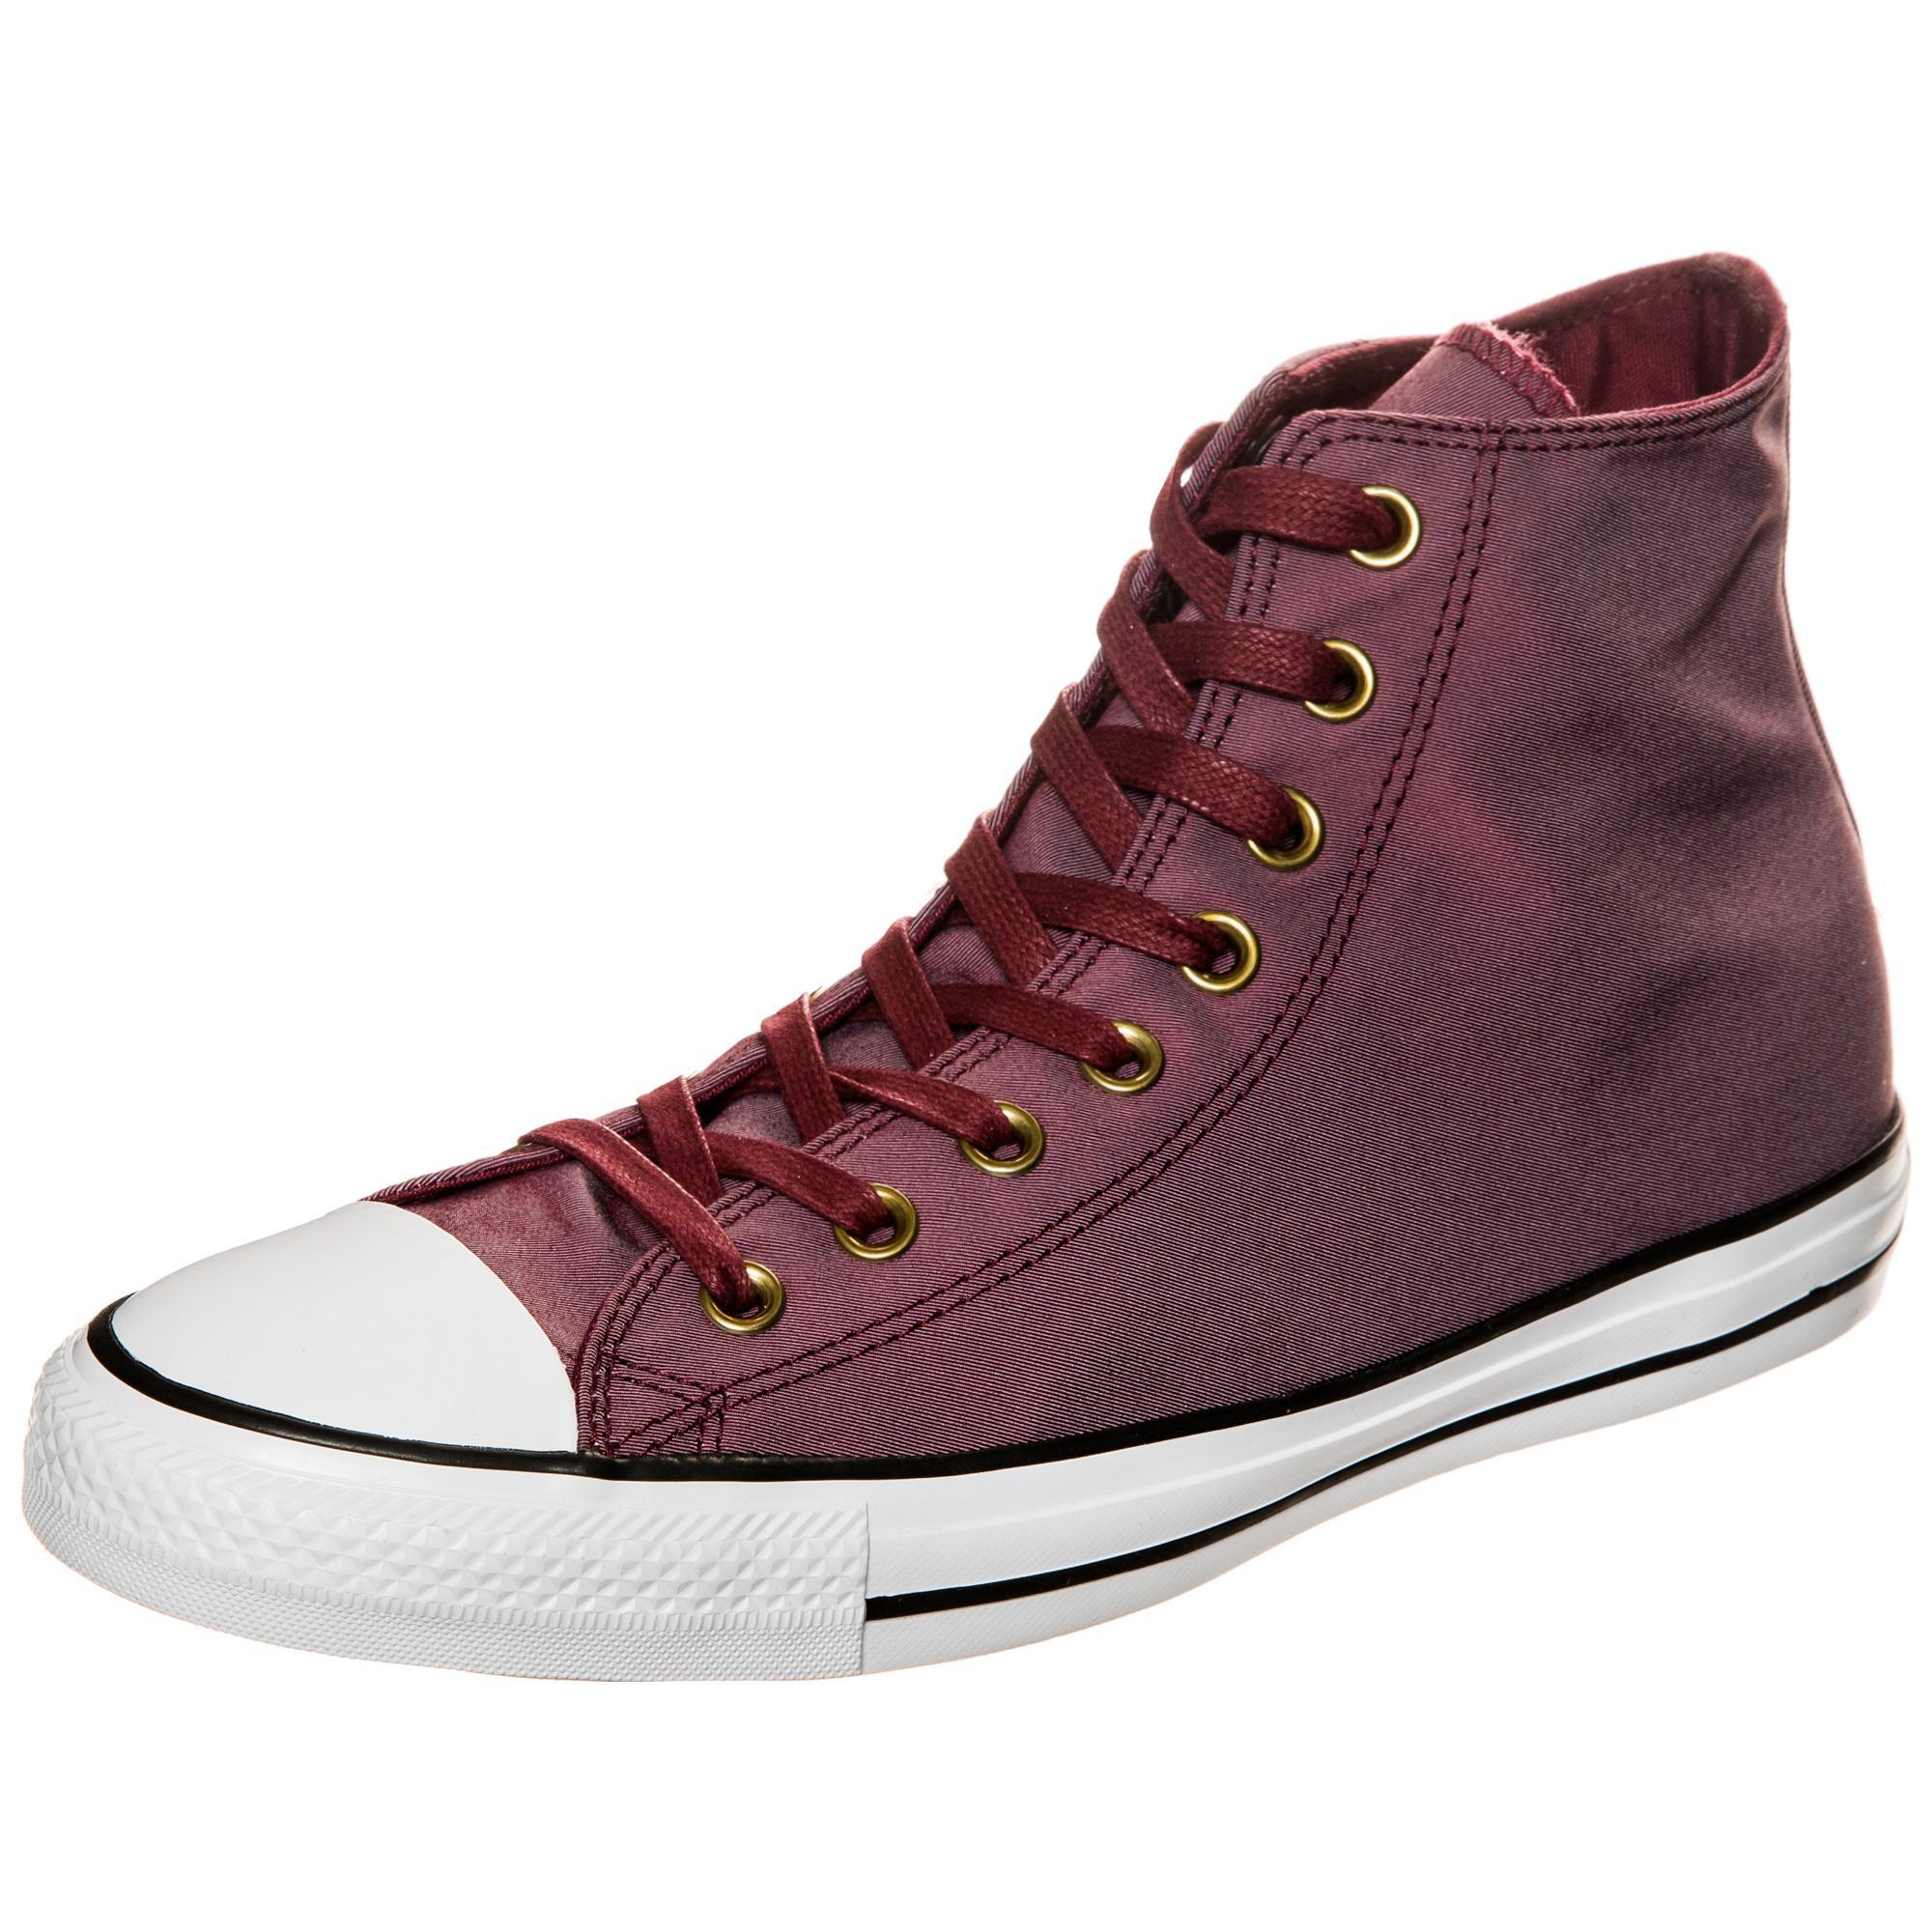 CONVERSE Chuck Taylor All Star Sneaker Herren bordeaux / weiß im Online  Shop von SportScheck kaufen